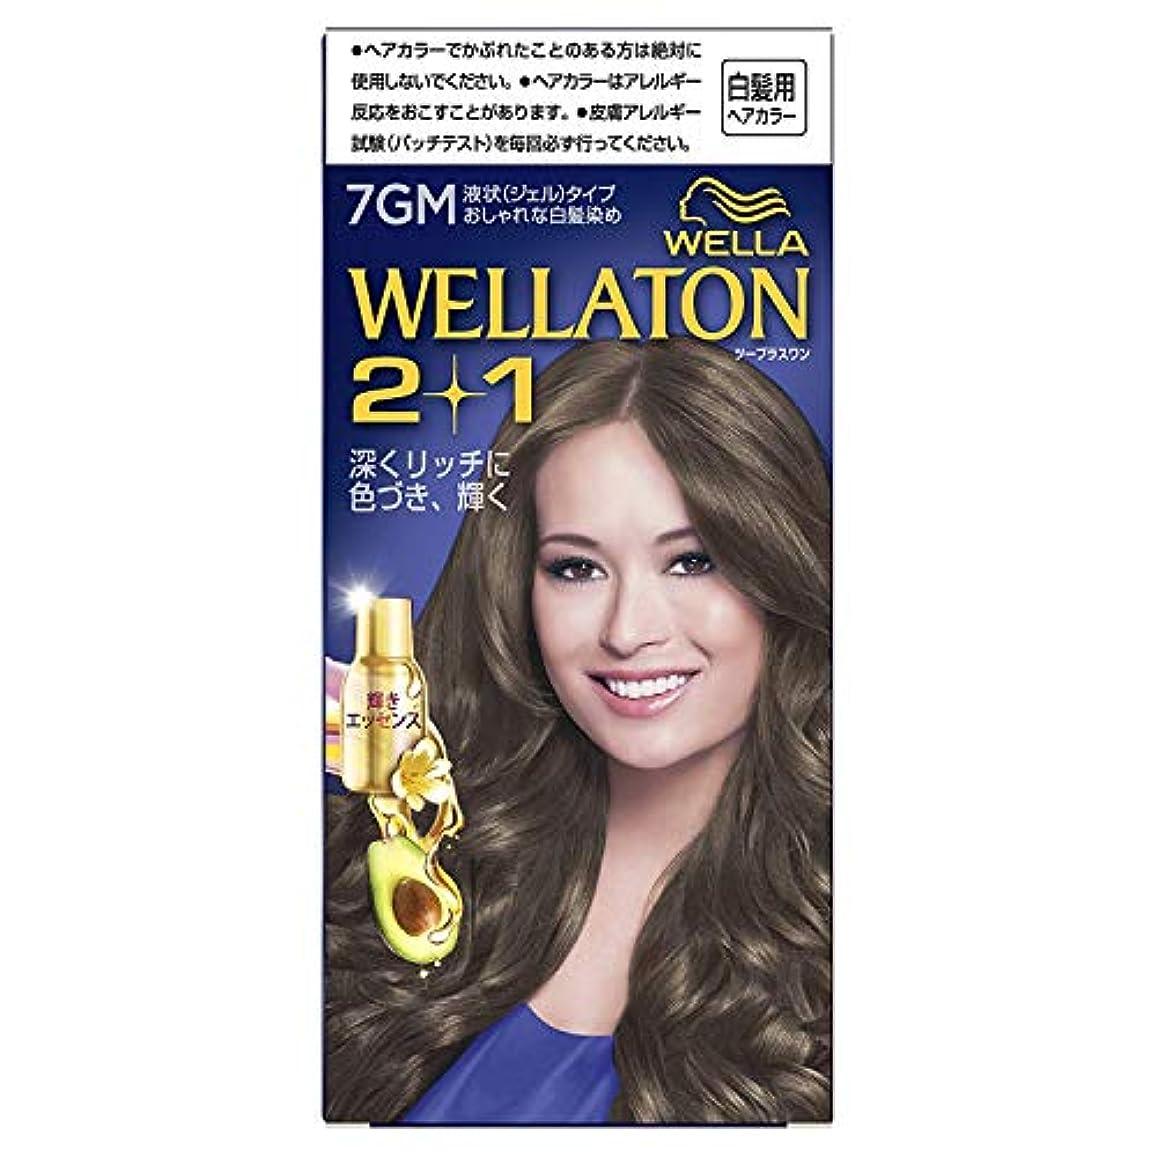 反毒コンプリート反対したウエラトーン2+1 液状タイプ 7GM [医薬部外品] ×6個